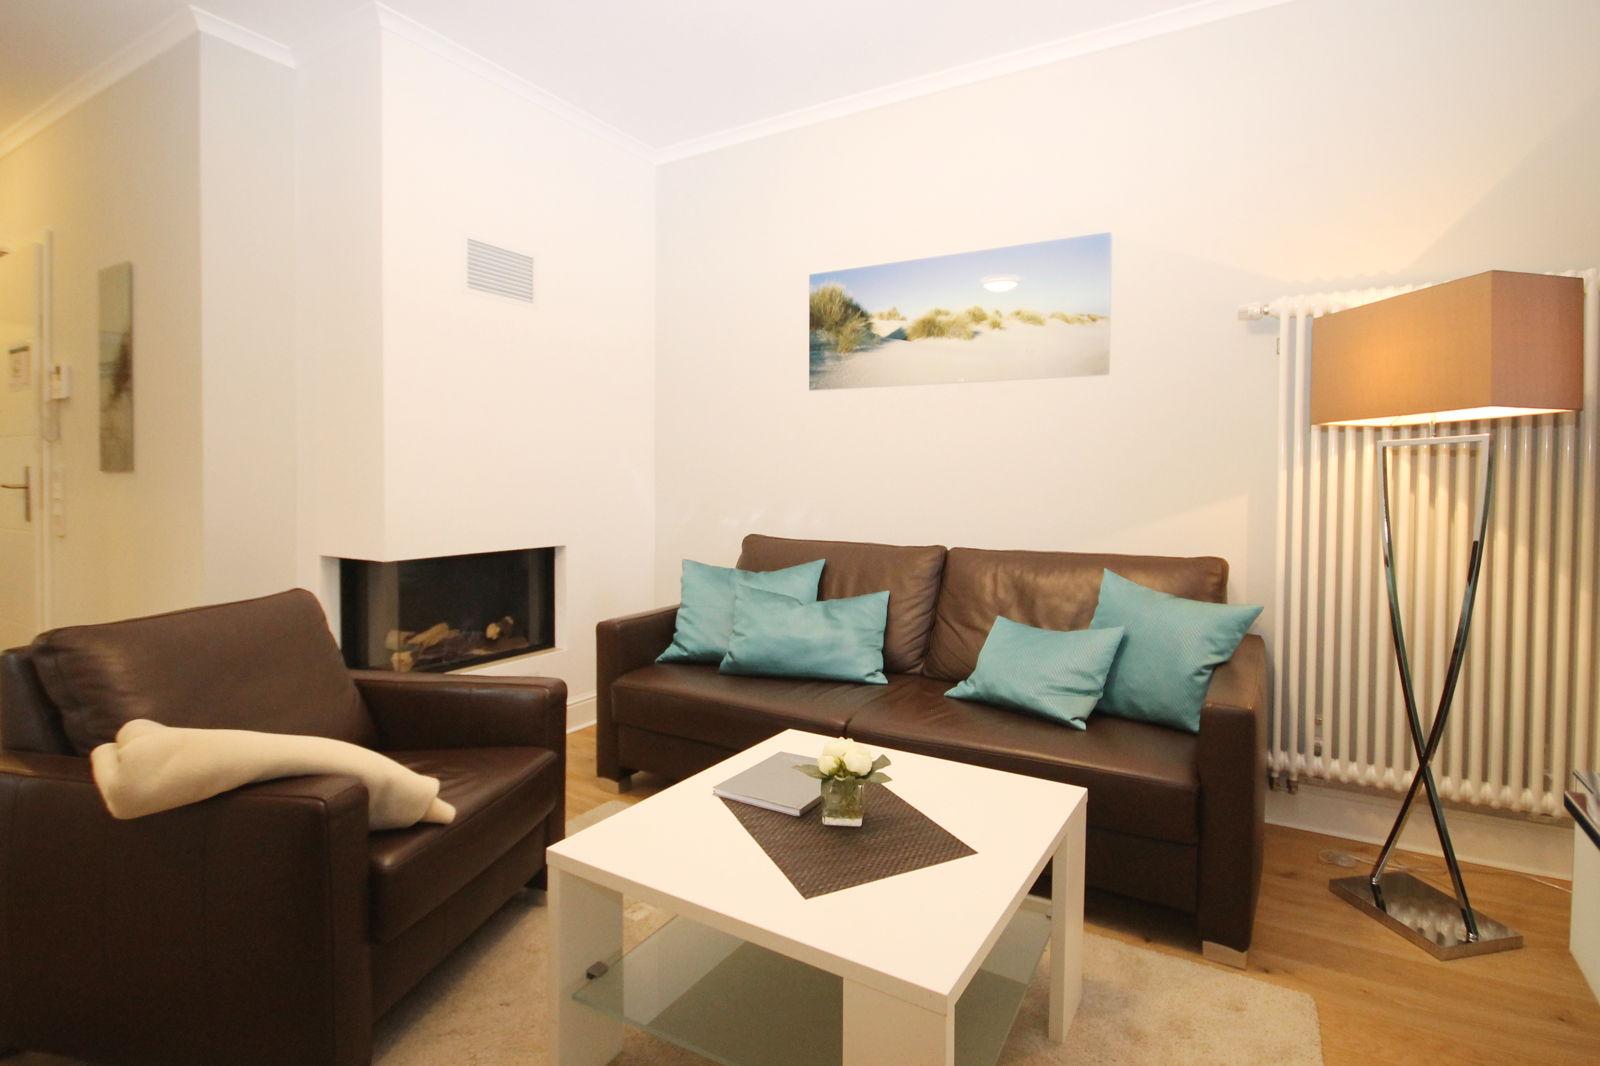 Apartment 8 Wohnzimmer